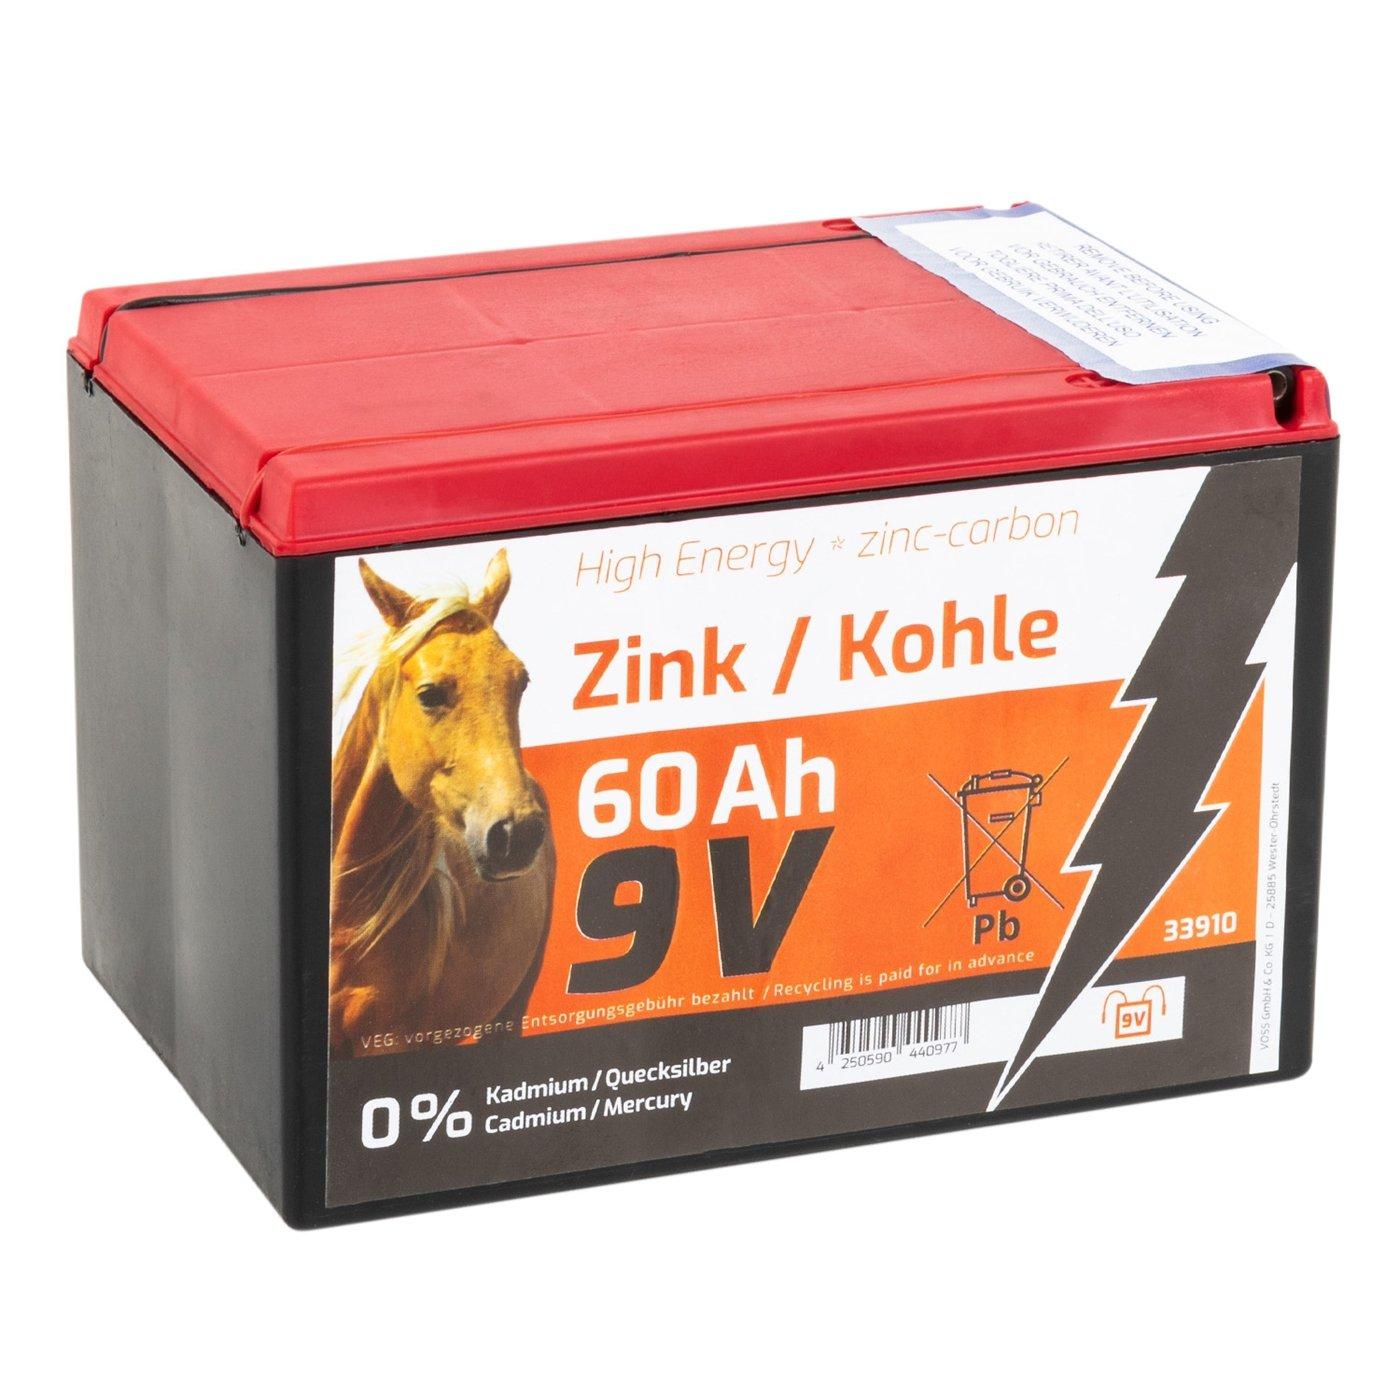 Voss.farming Batterie sèche Zinc Carbone 60 Ah 9V pour clôture électrique – Adaptée aux systèmes solaires - Petit modèle